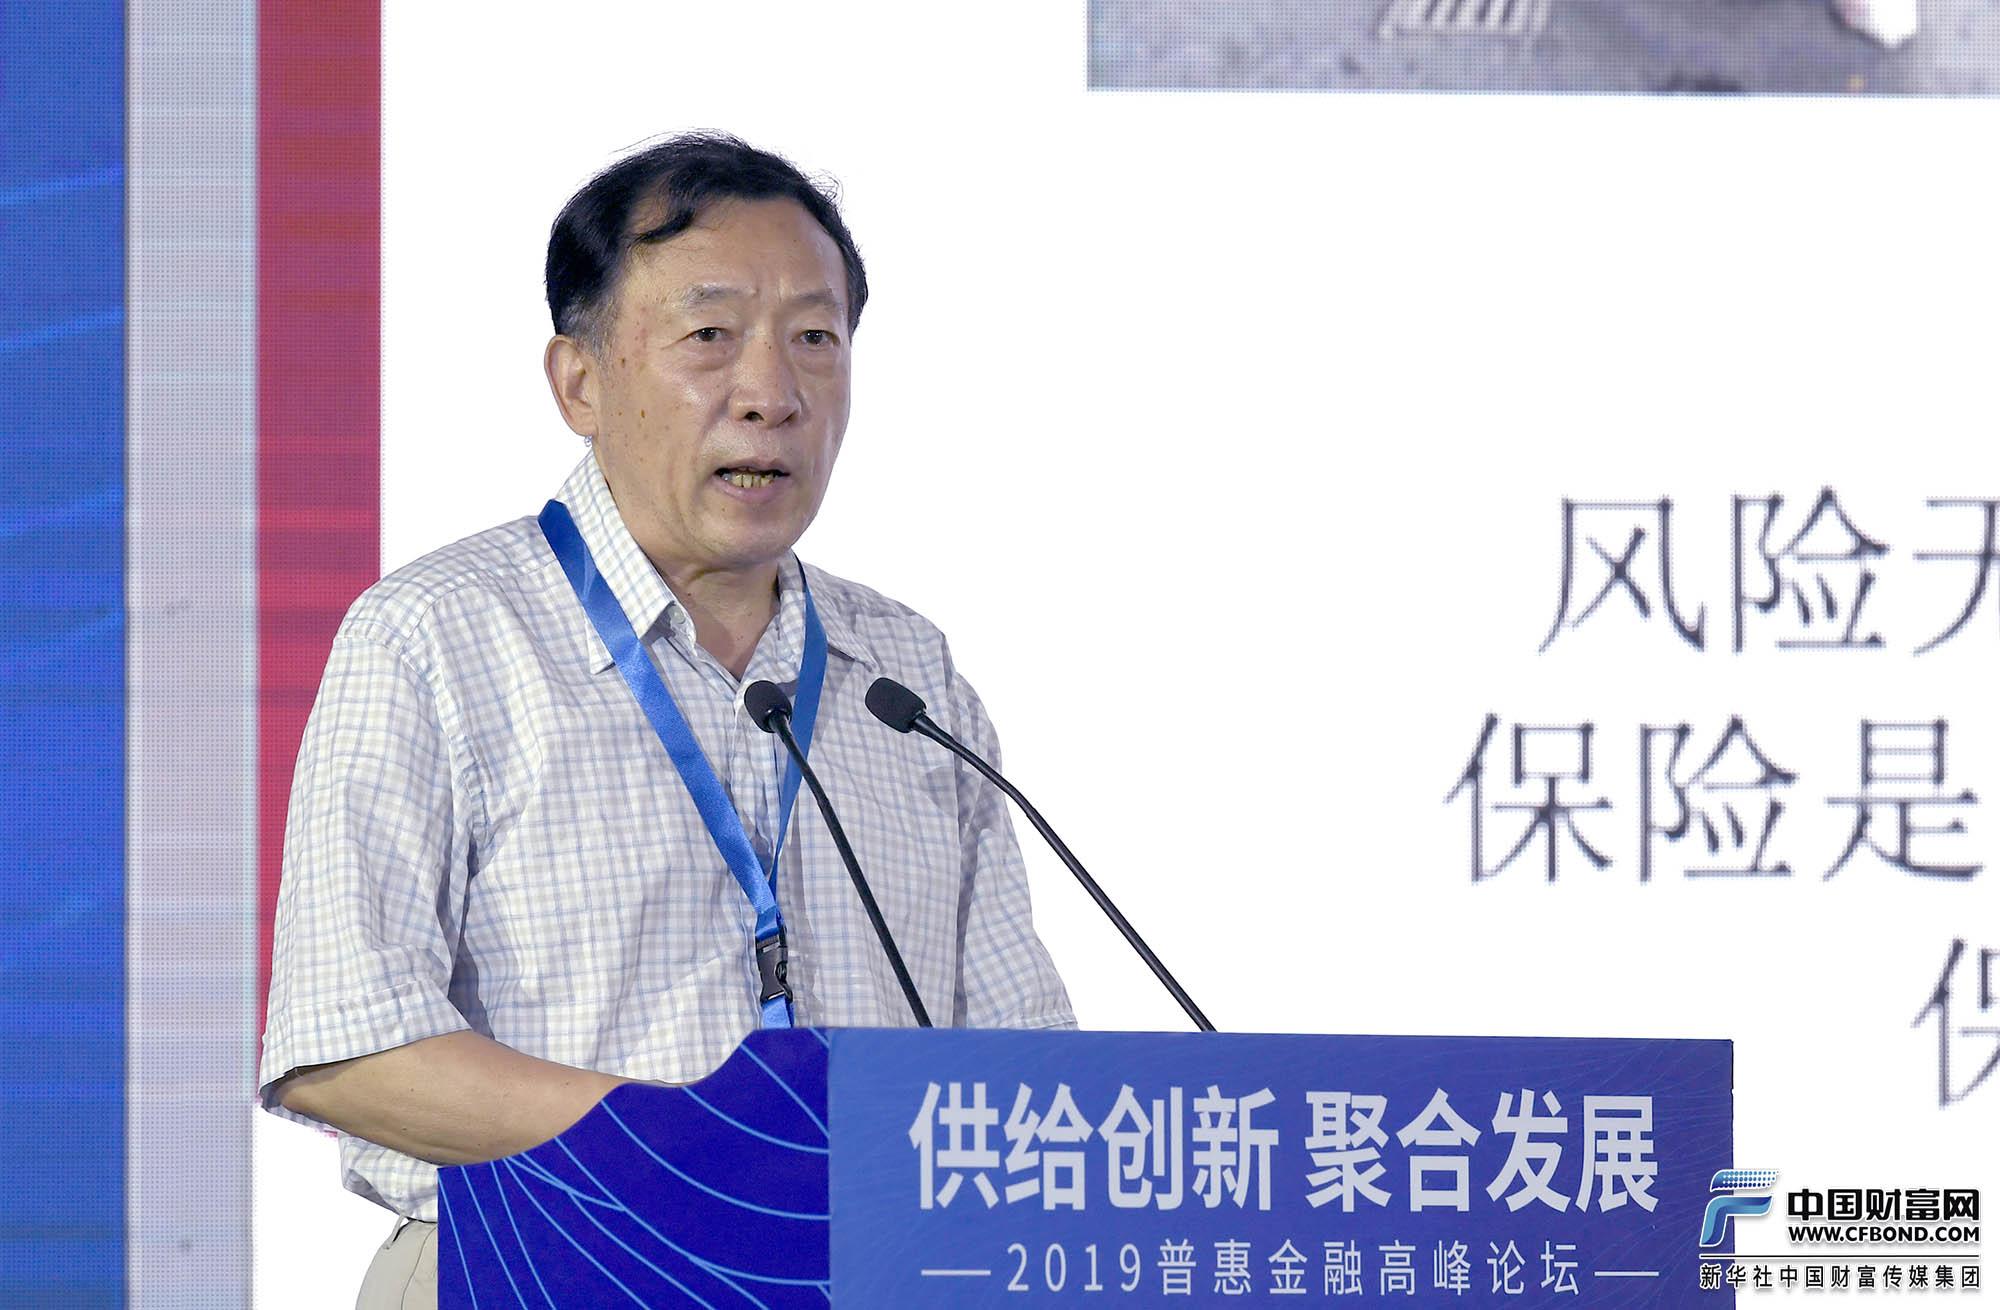 演讲嘉宾:中国保险监督管理委员会原副主席魏迎宁